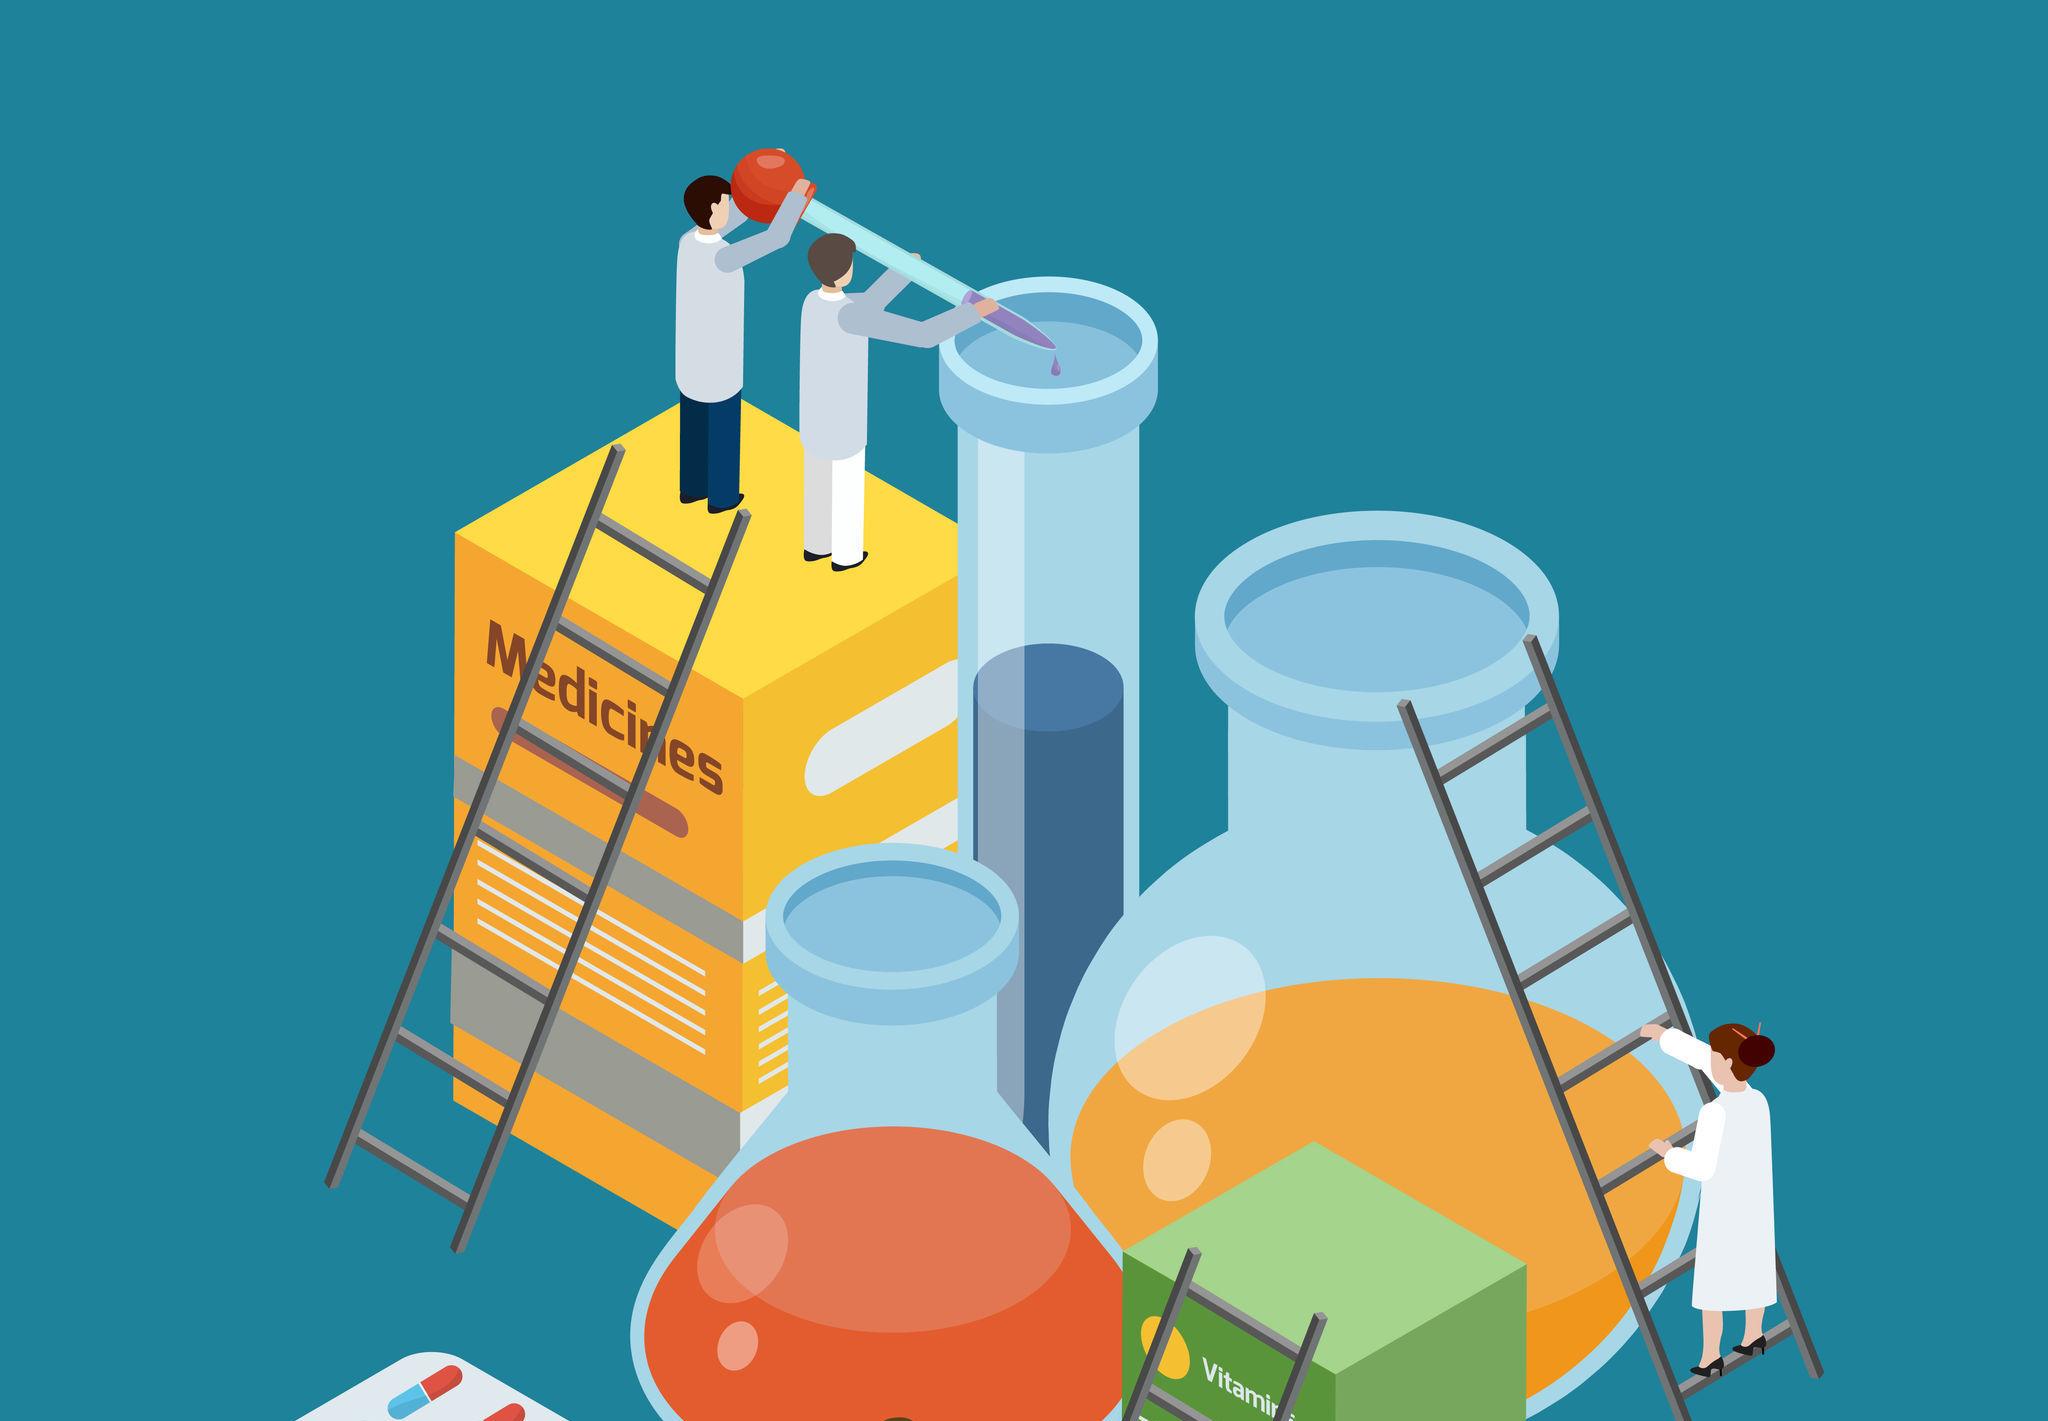 Roche 收購 Inflazome!擴充慢性發炎治療領域